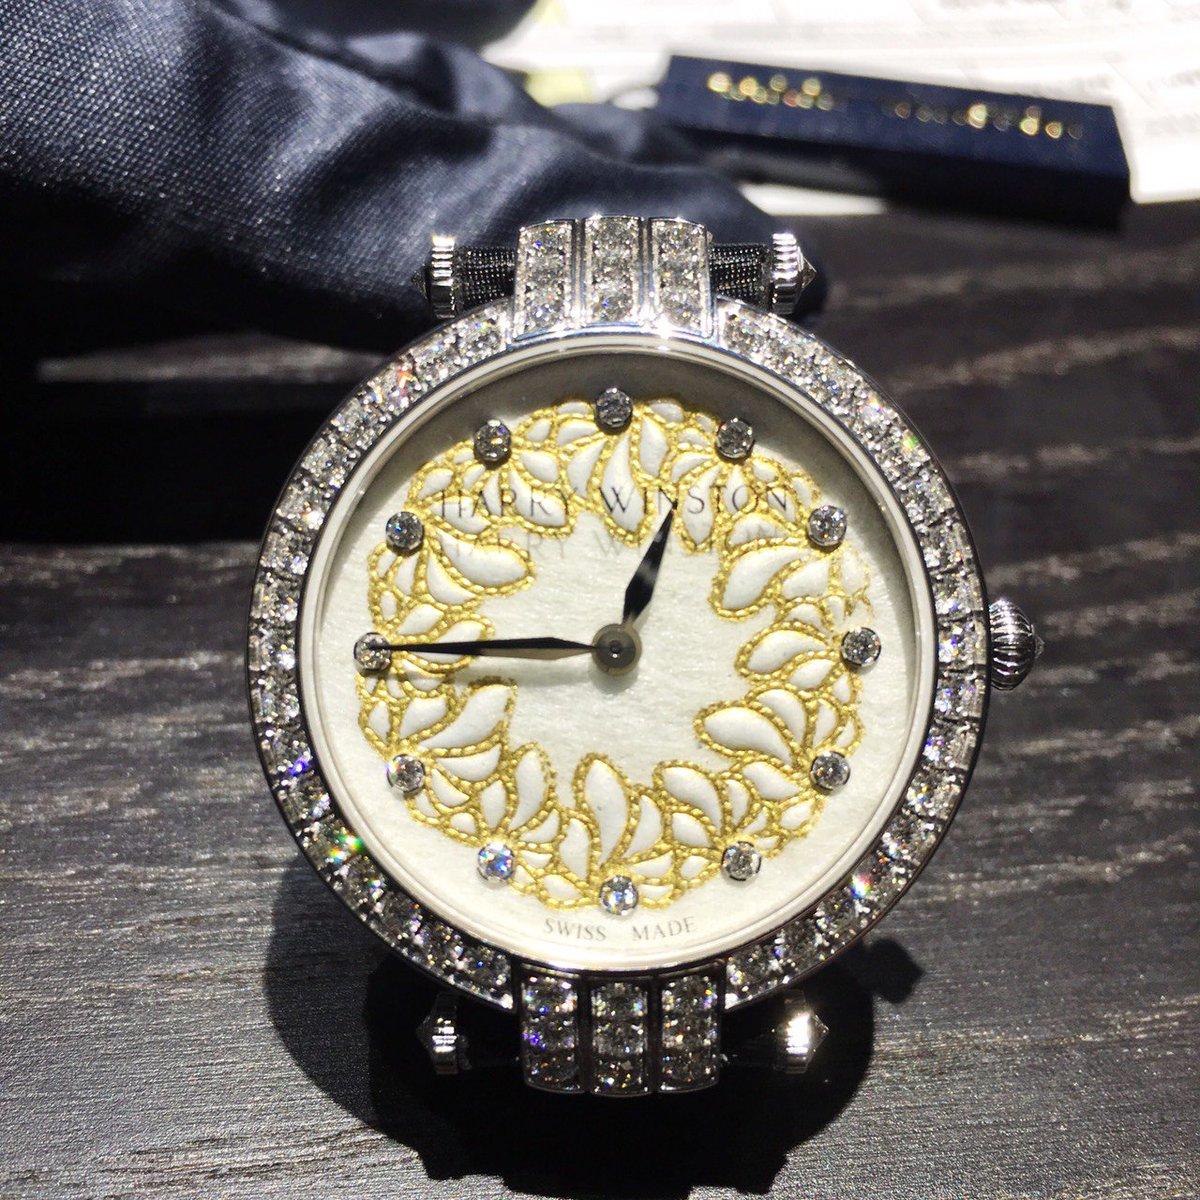 【バーゼル取材】「ハリー・ウィンストン」の時計は、文字盤がマユ!おカイコさんと職人が頑張りましたw!ショート状のマユエンボスして、金箔をのせて。。。きゃー、大変‼ #basel #harrywinston